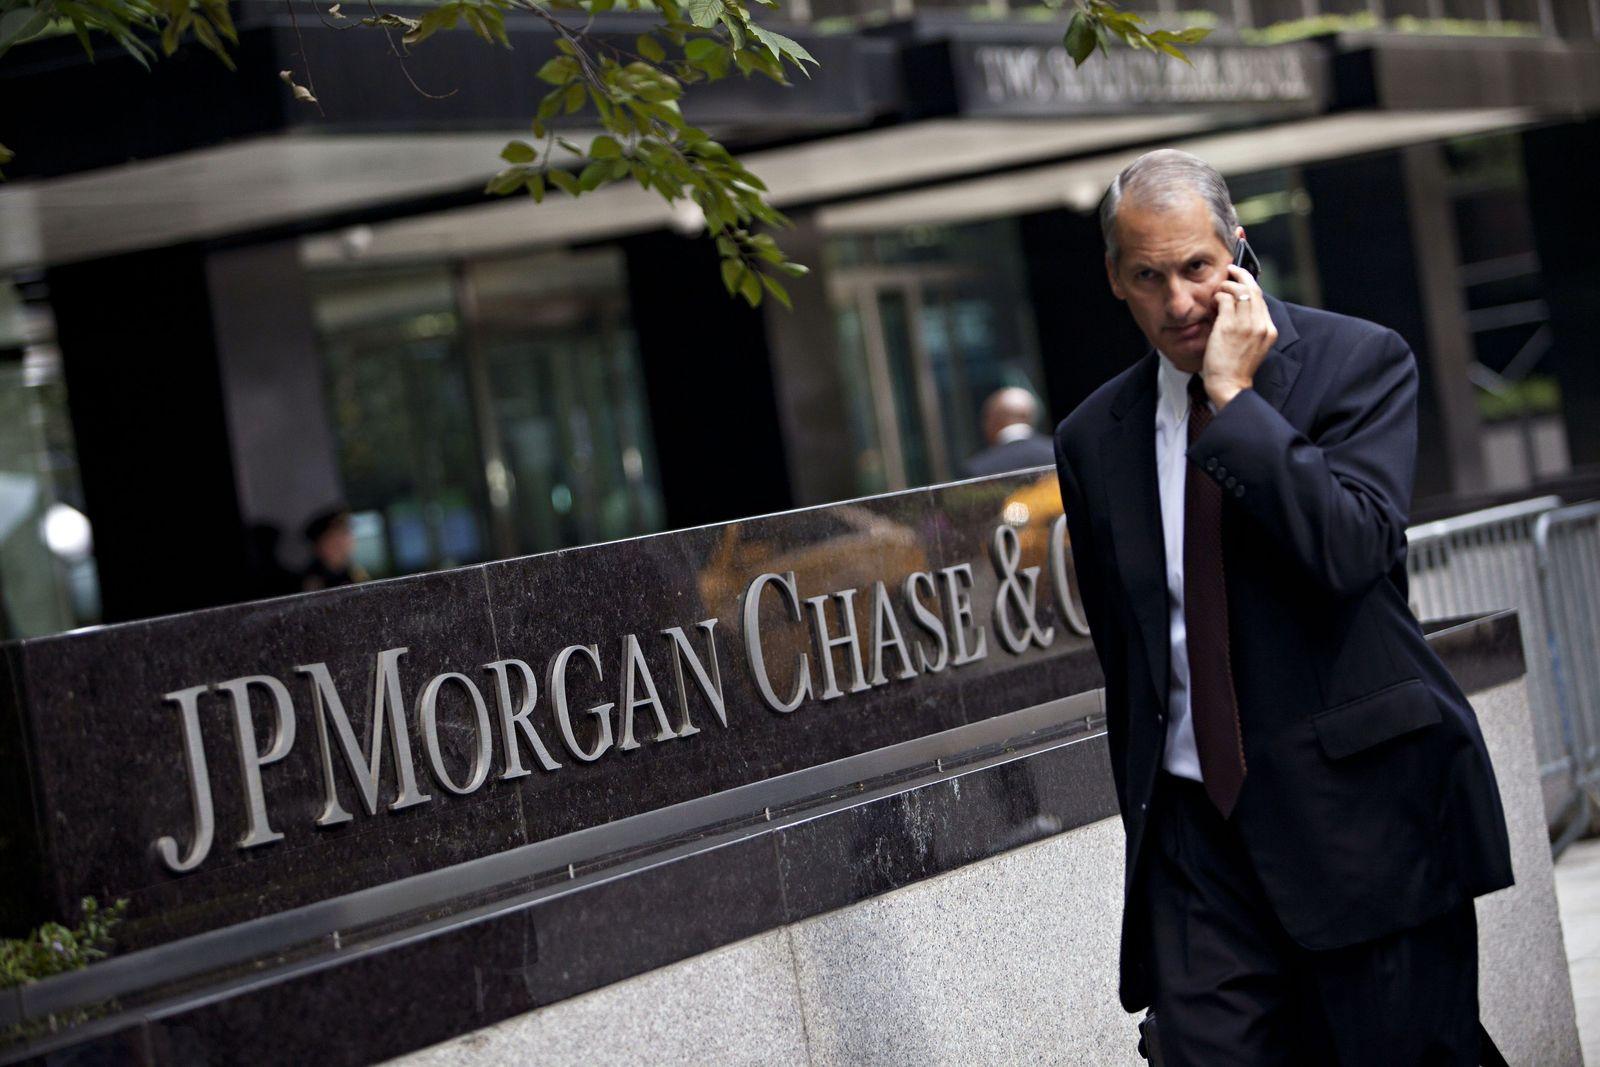 JP Morgan / JPMorgan